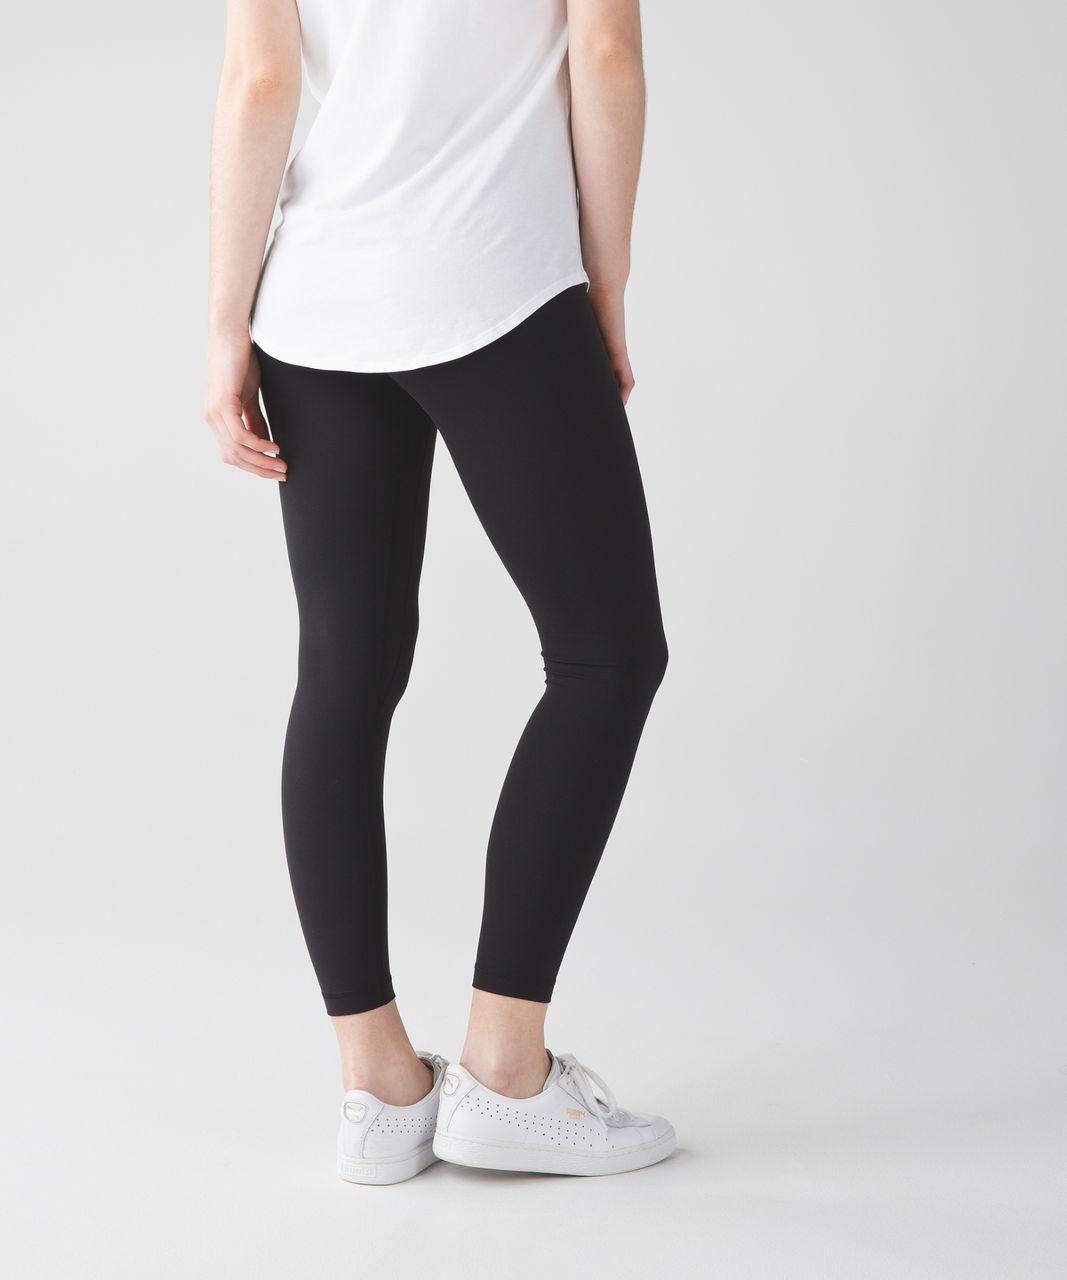 Lululemon Align Pant II - Black